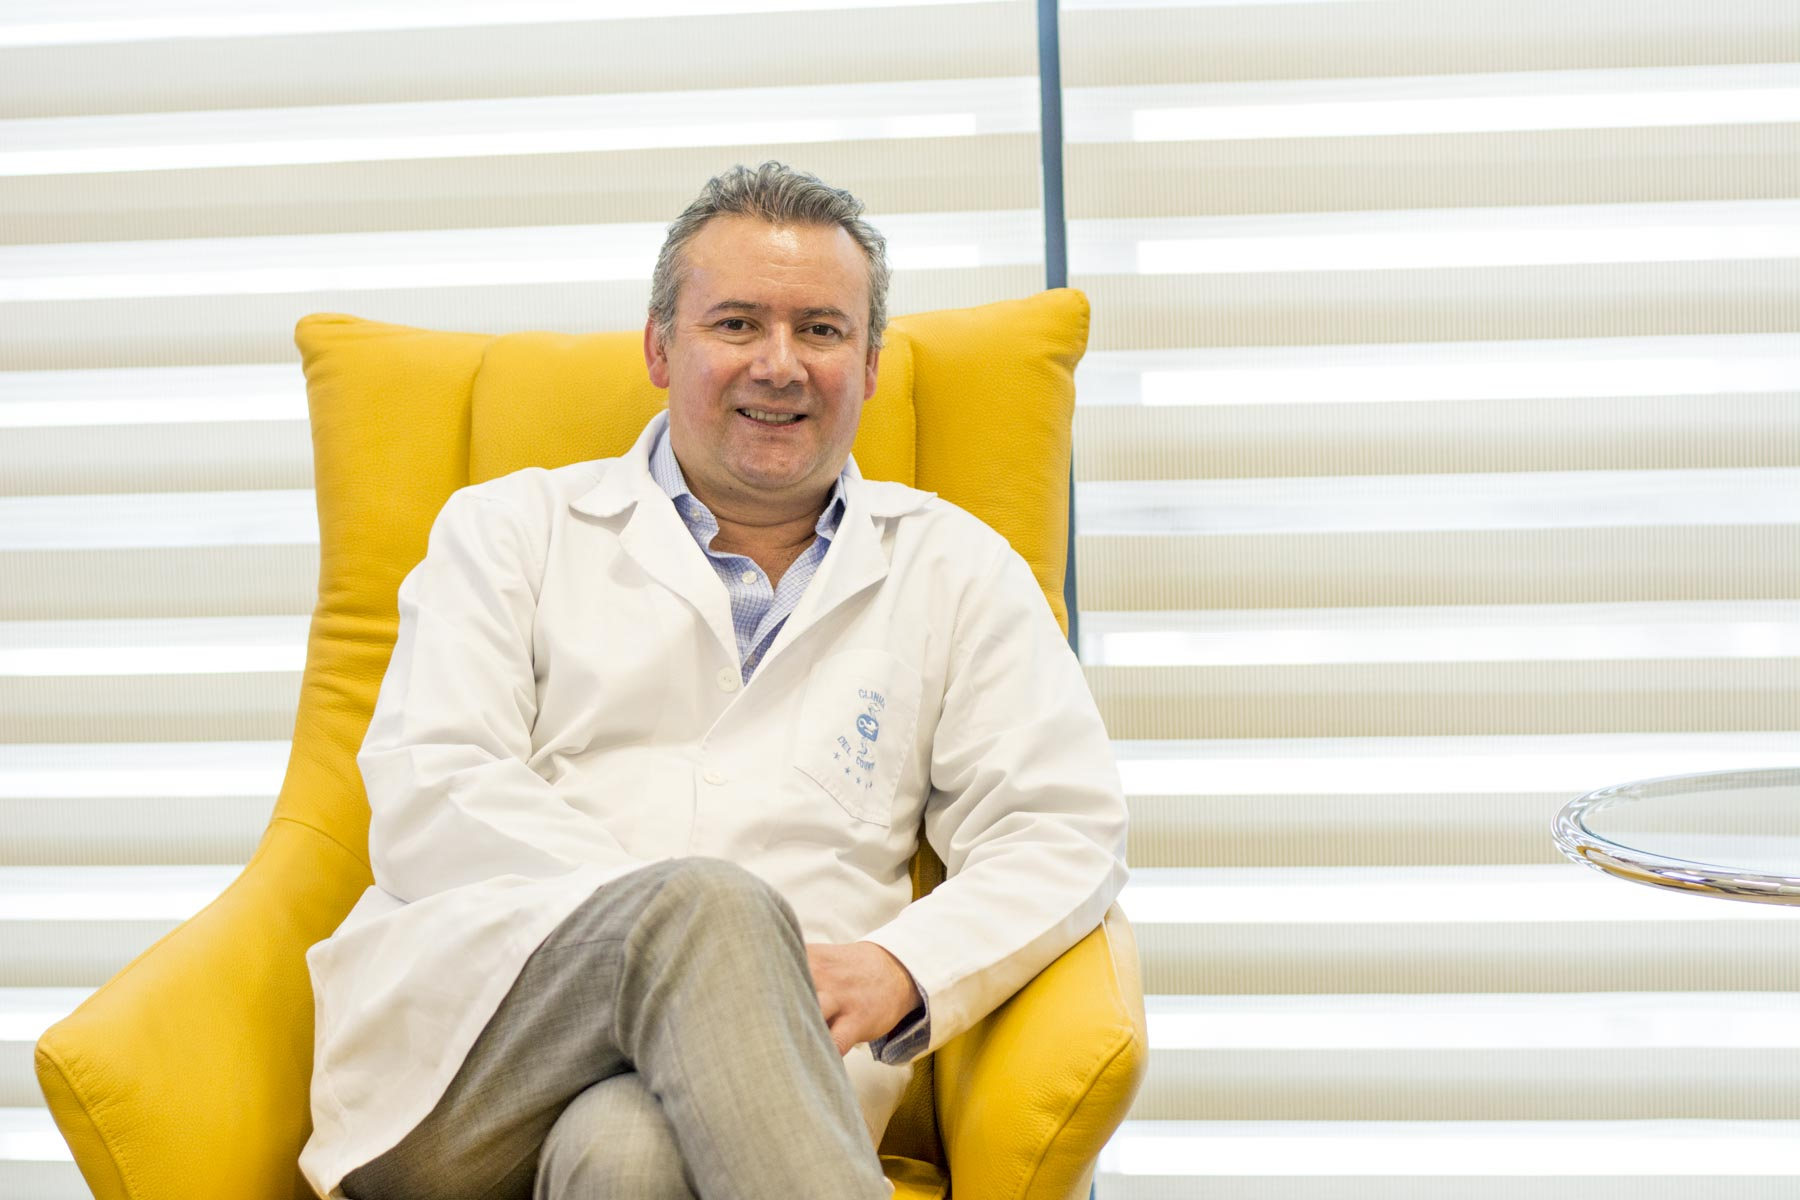 Cirugía plástica Dr.Posada cirujano plástico en  Bogotá Medellín